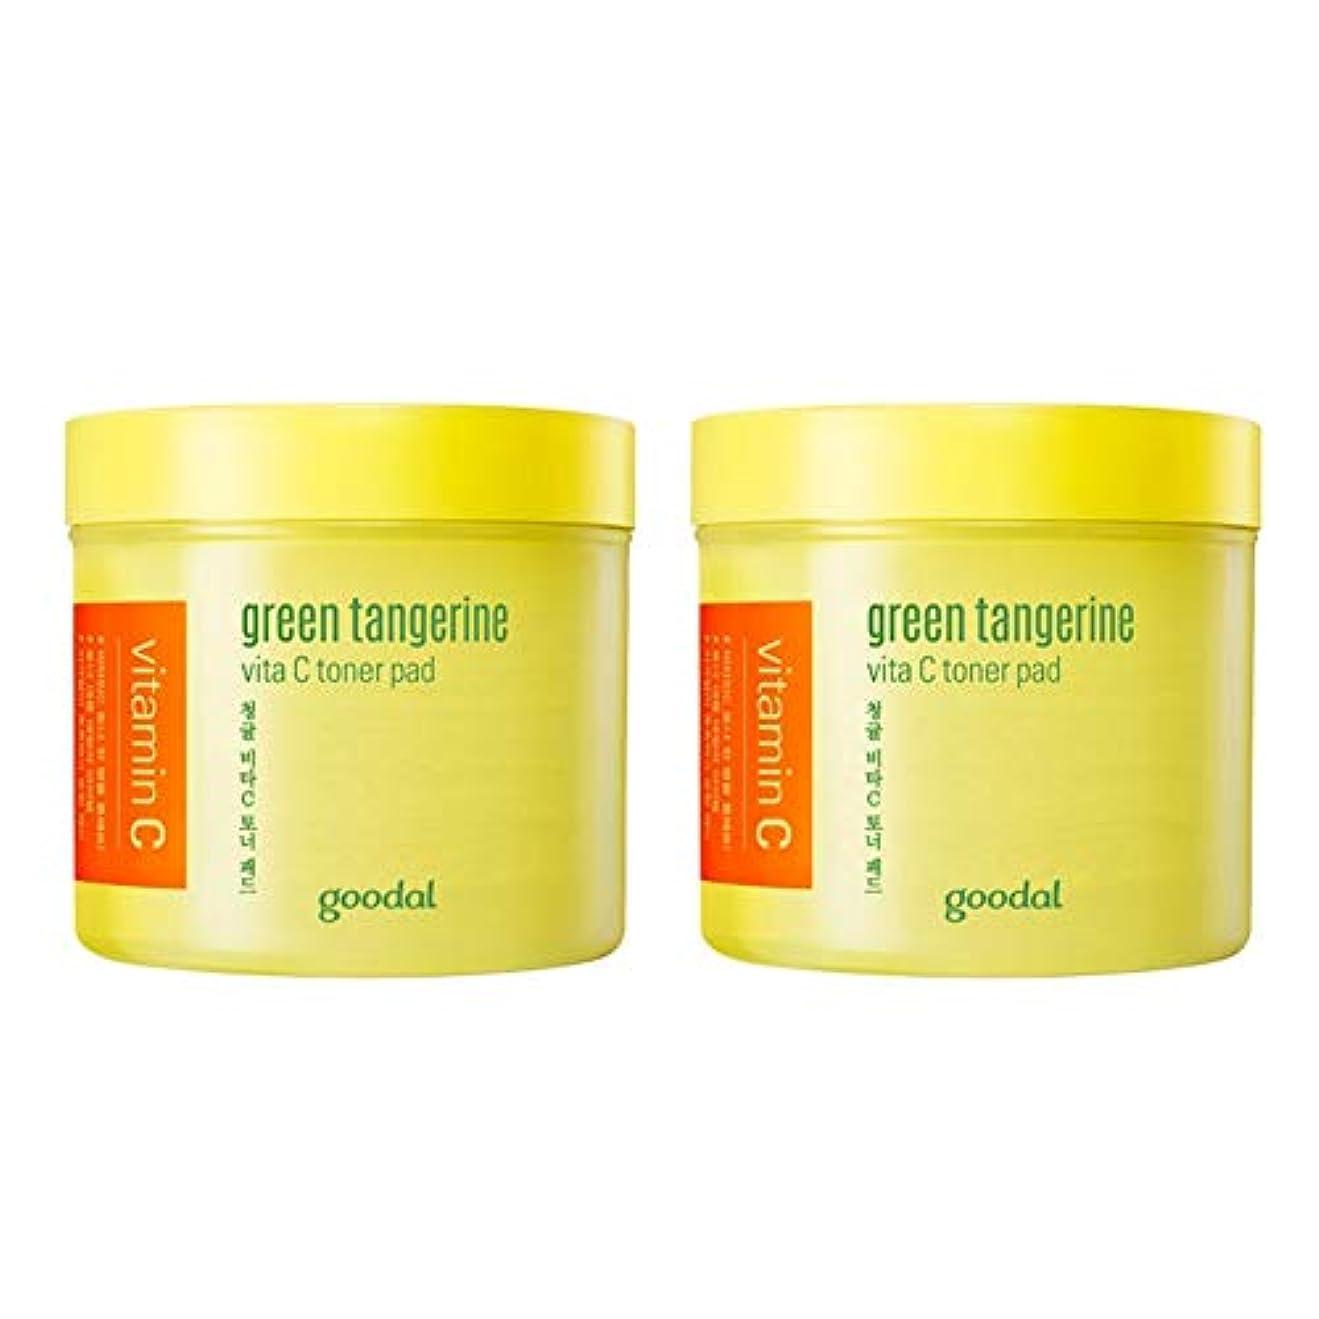 王子流行しているチョークグドール青みかんヴィータCトナーパッド70px2本セット質除去、水分供給 韓国コスメ 、Goodal Green Tangerine Vita C Toner Pad 70p x 2ea Set Korean Cosmetics...